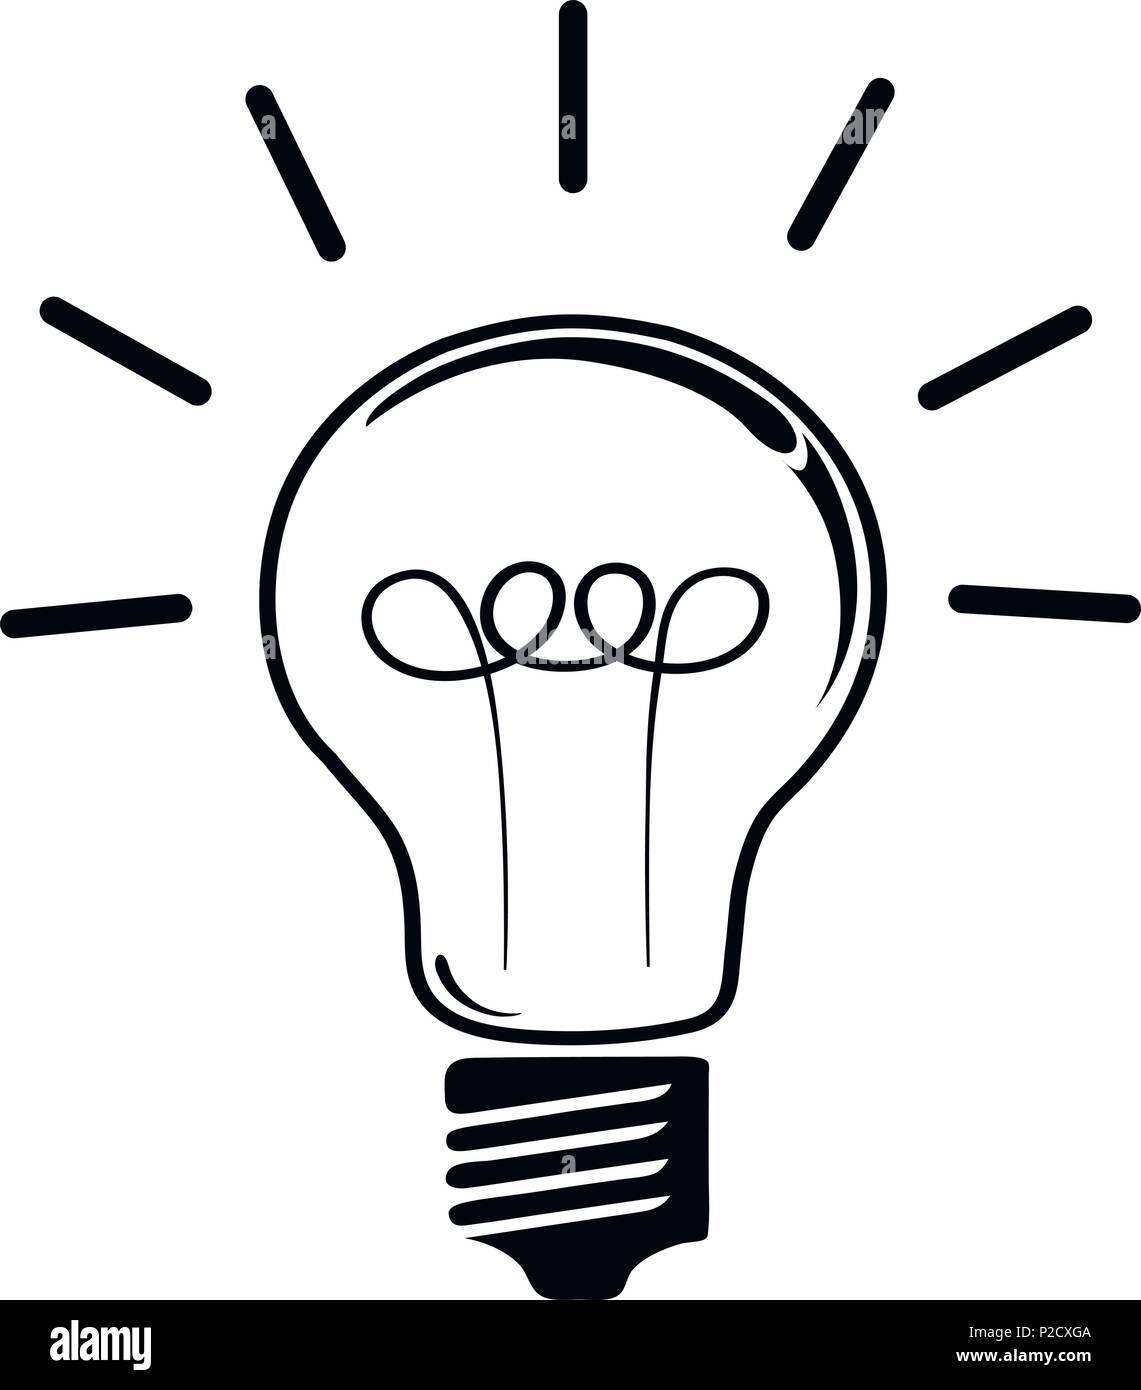 idea light bulb symbol Stock Vector Art & Illustration